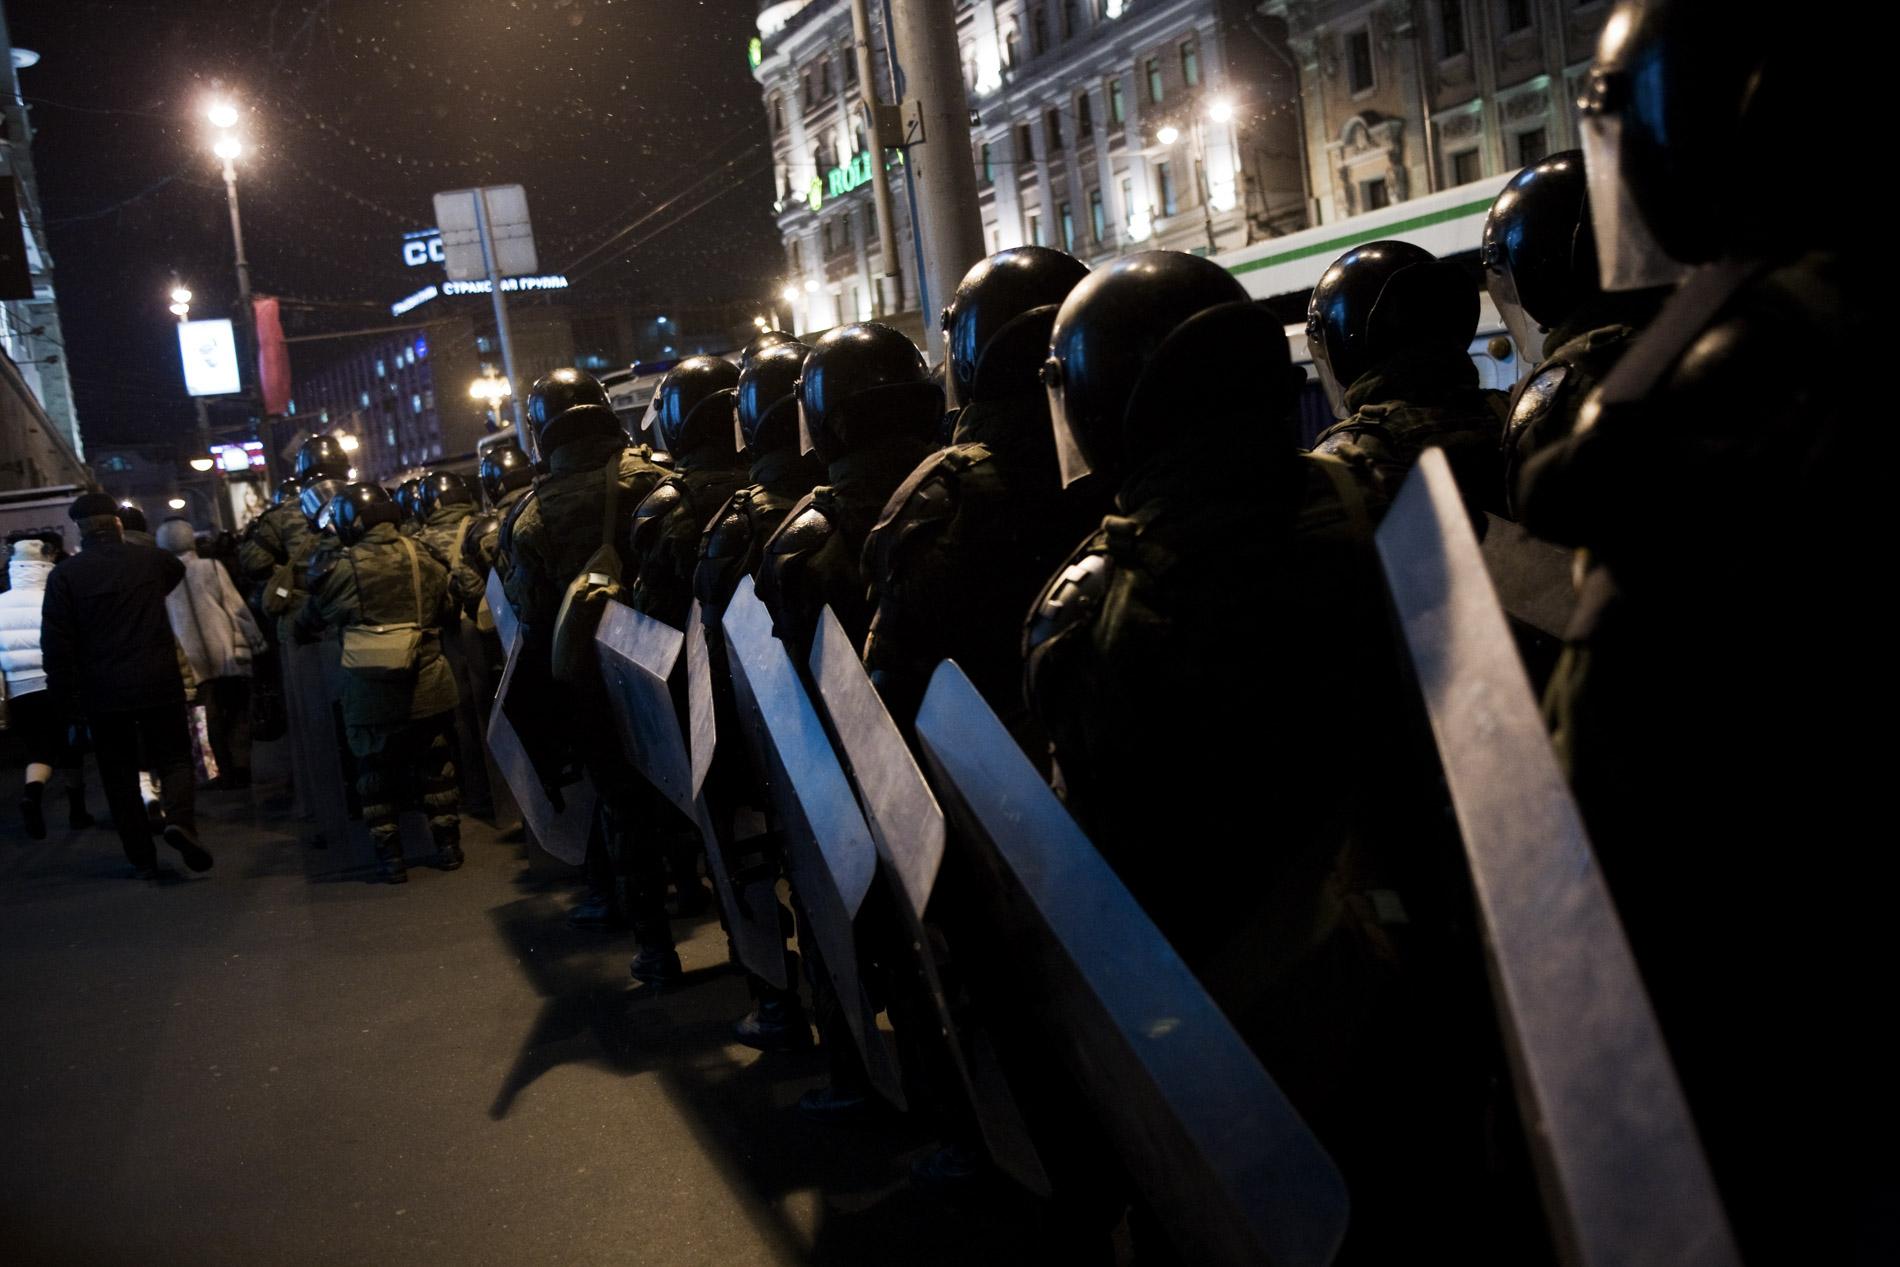 Manifestation de l'opposition a Vladimir Poutine, place Pouchkine, le 5 mars 2012 a Moscou.